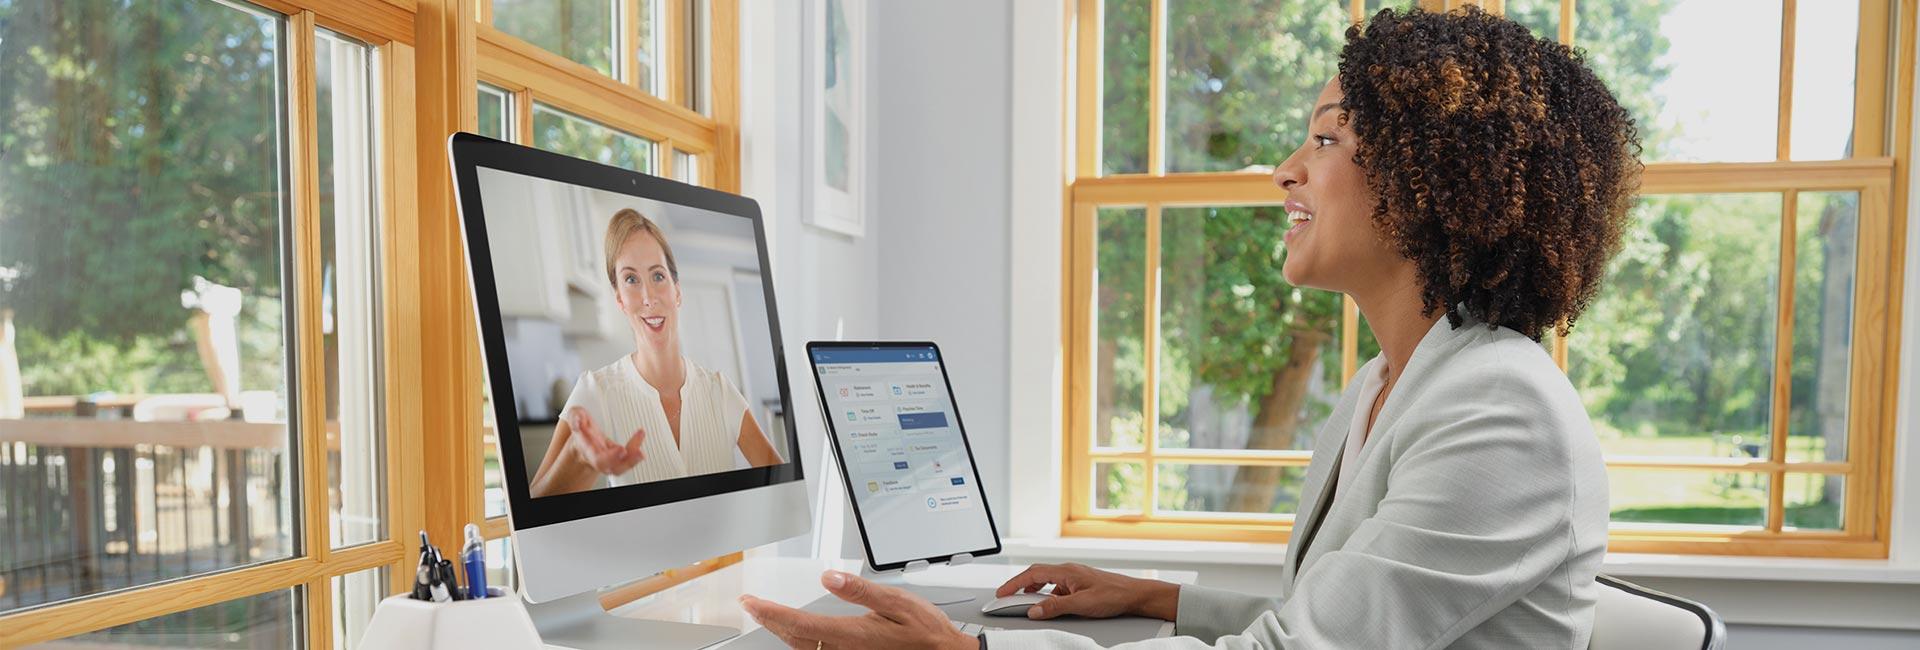 Una gerente de oficina en una llamada virtual con su asesor de recursos humanos